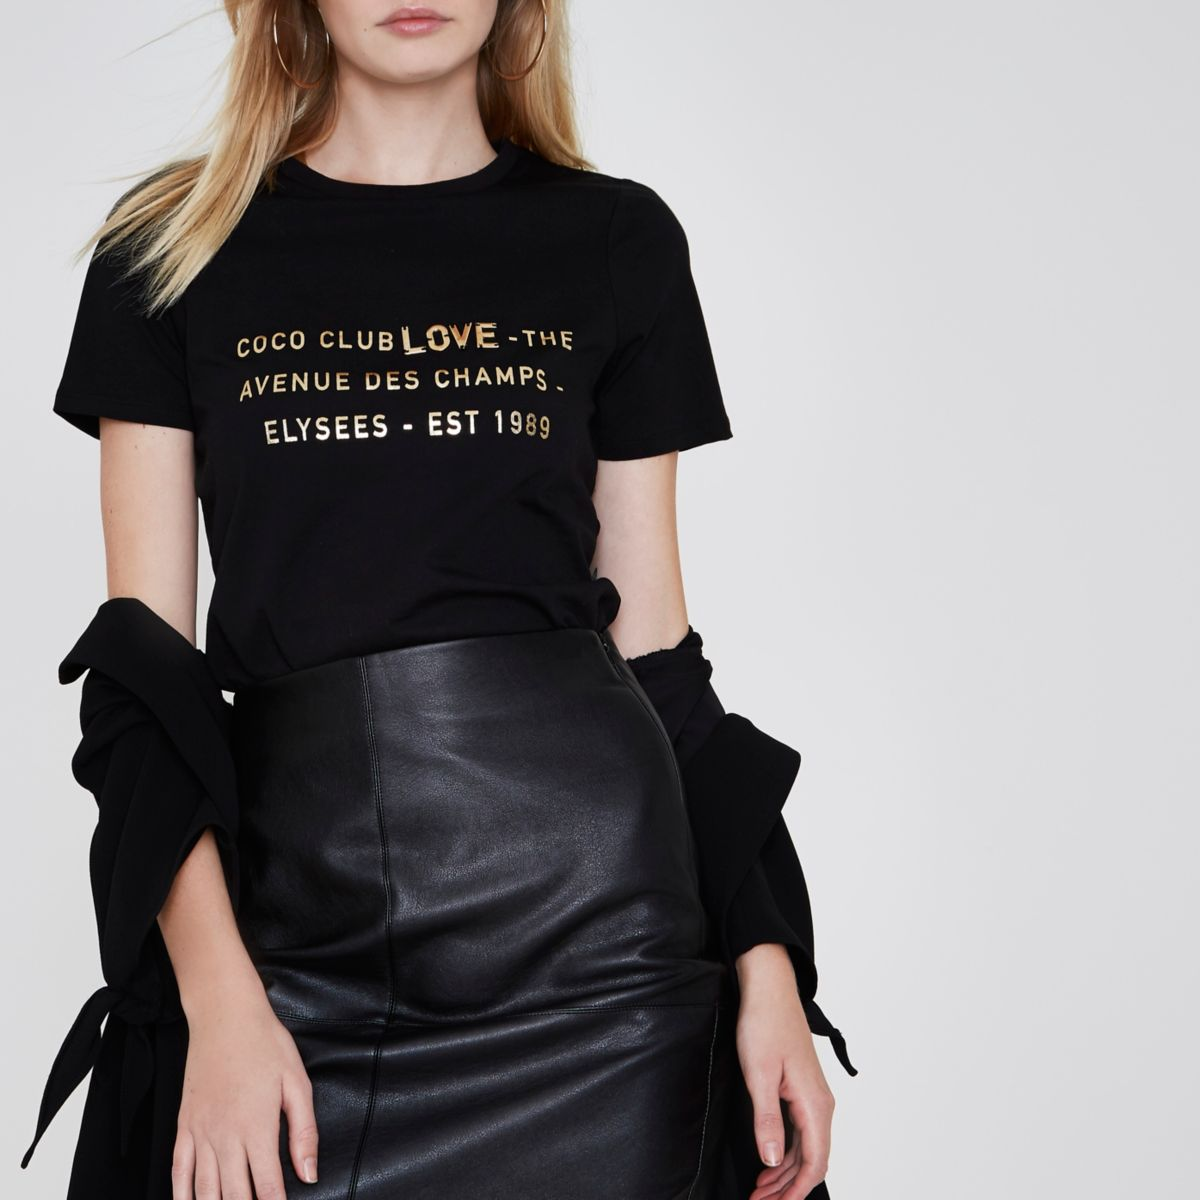 T-shirt noir à imprimé  « coco club love » métallisé